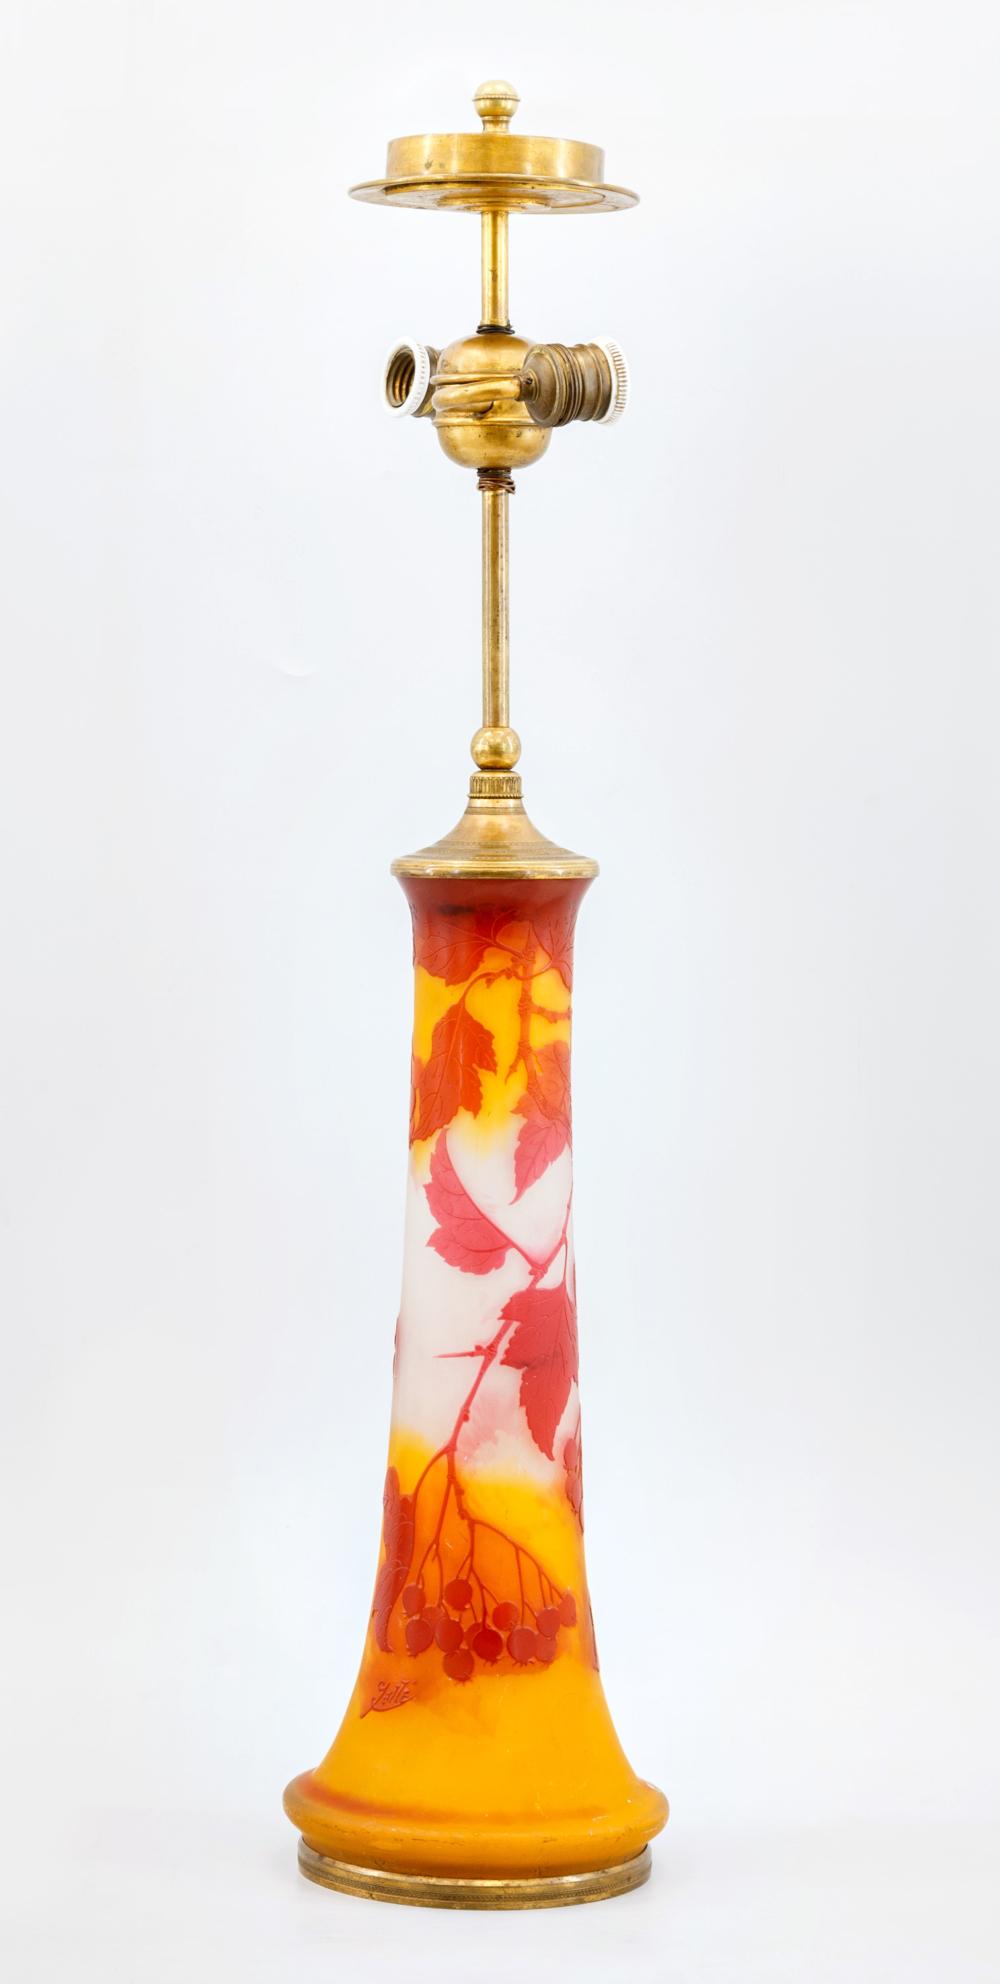 Старинная лампа в стиле модерн из многослойного цветного стекла Эмиль Галле